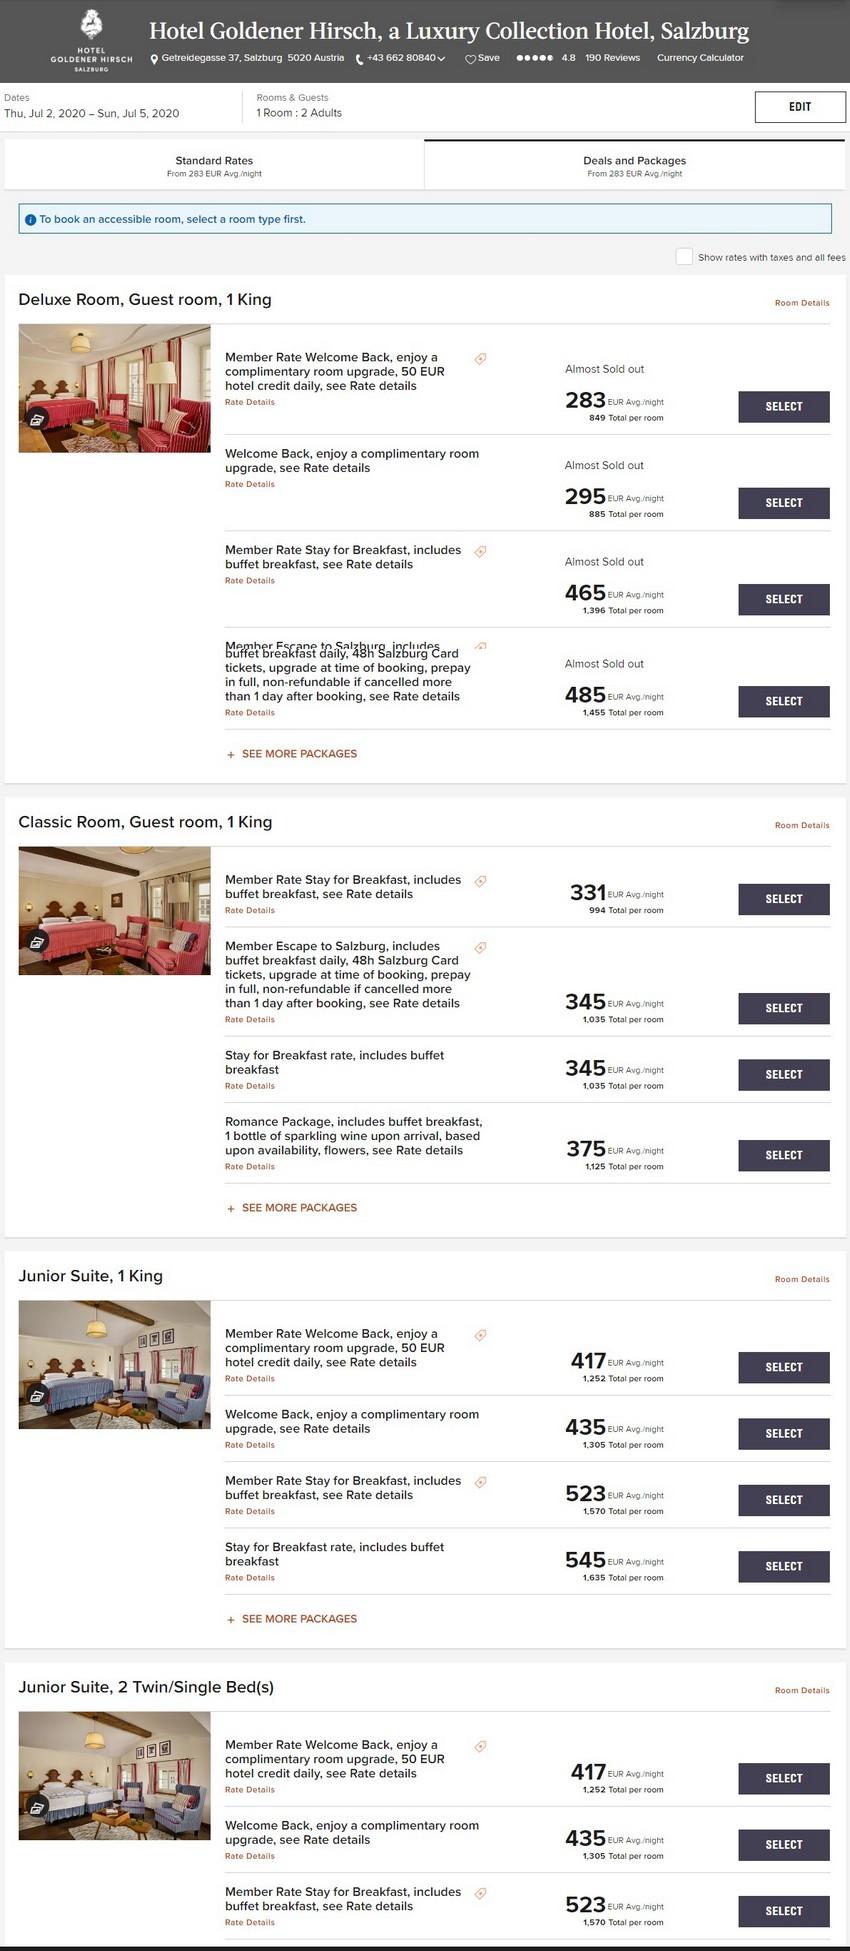 Marriott Elevate Your Stay Raten im Sommer 2020 im Hotel Goldener Hirsch, a Luxuy Collection Hotel, Salzburg